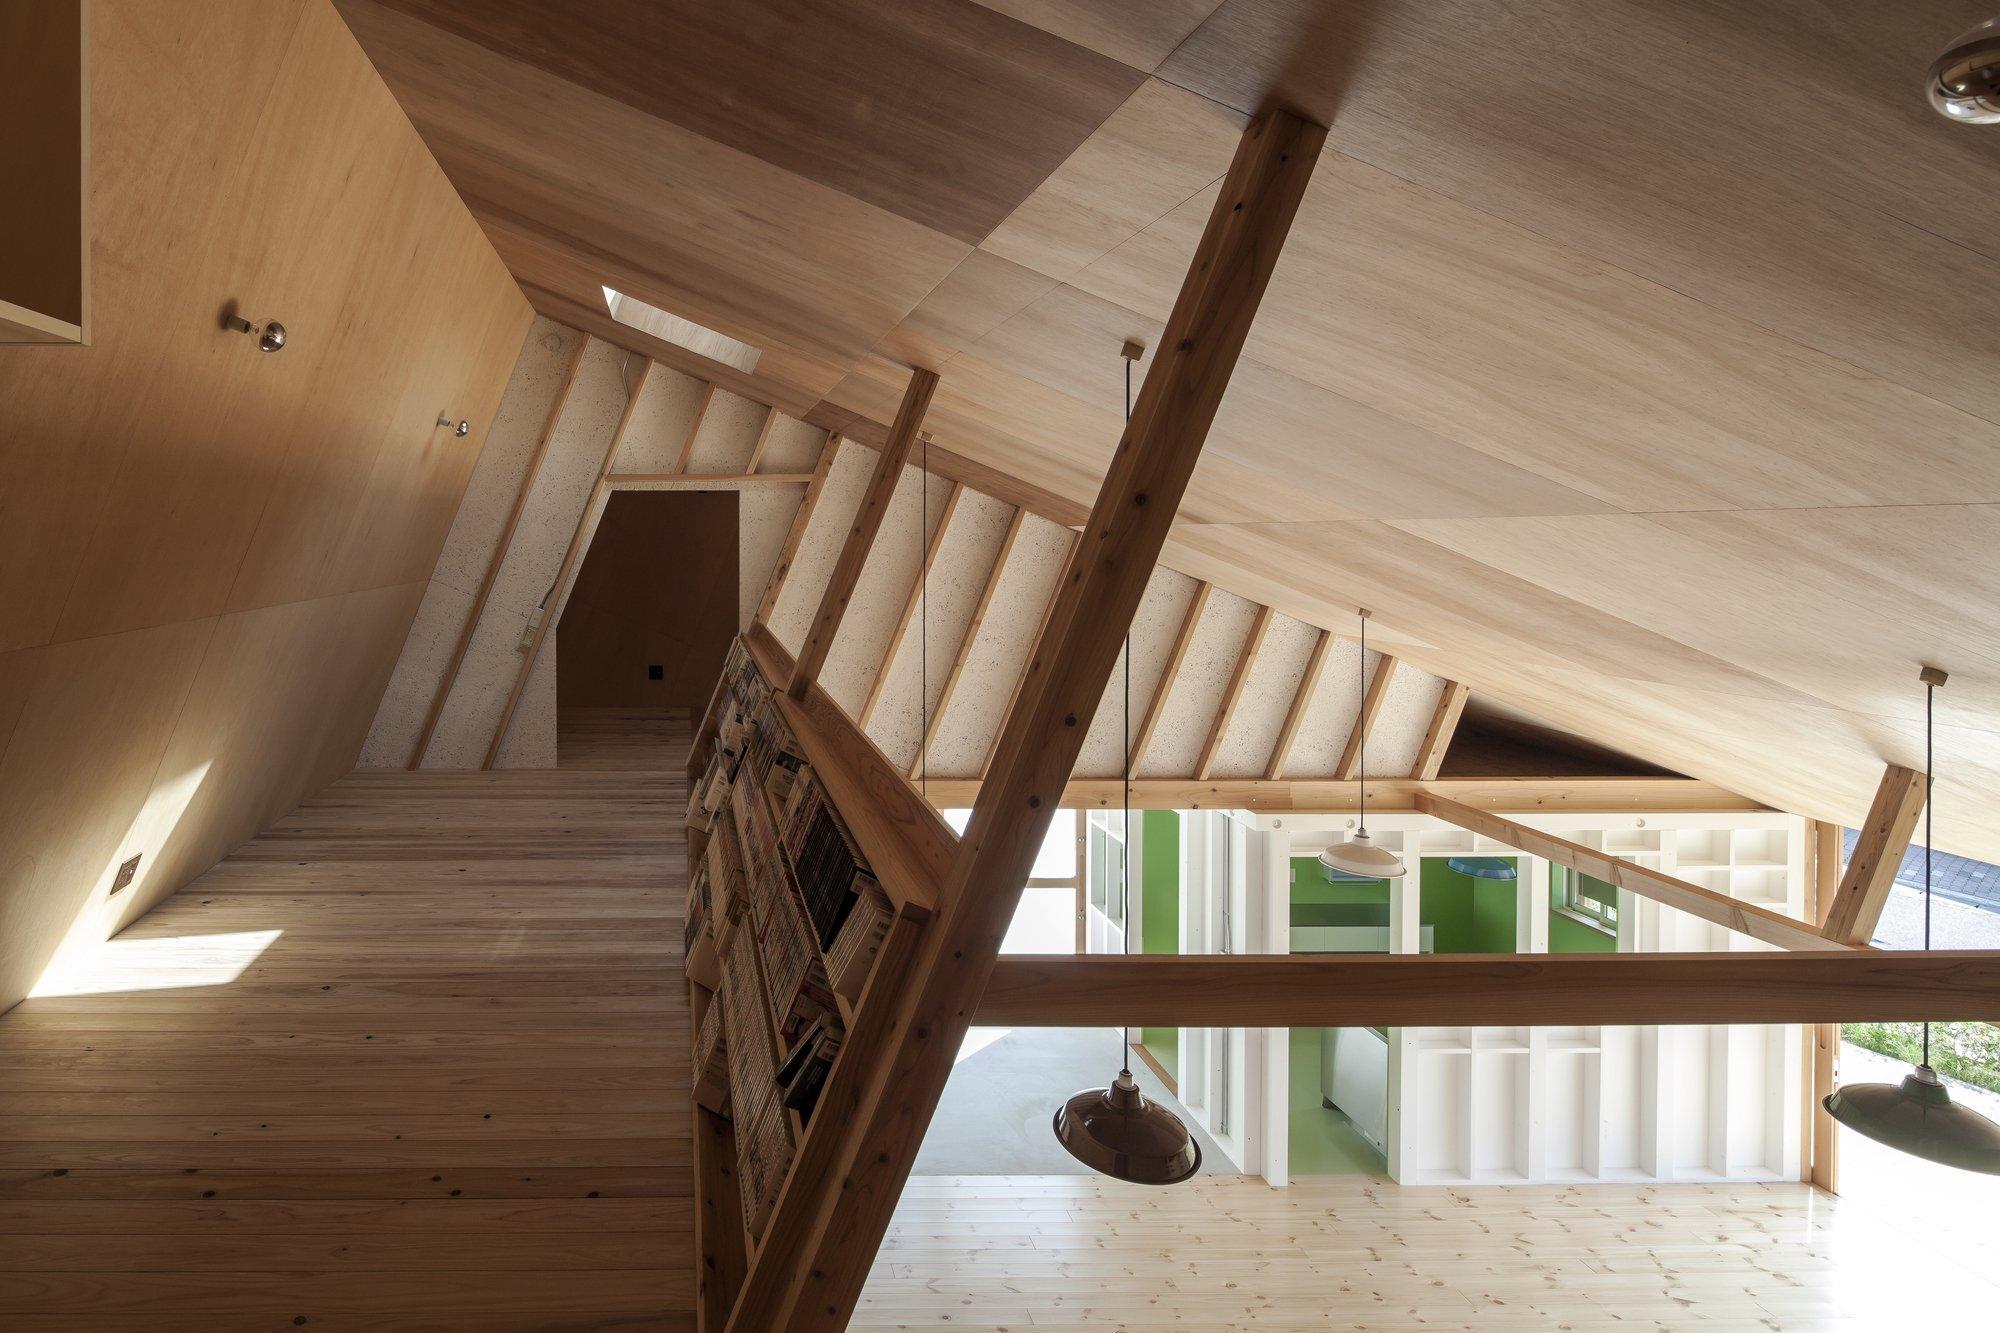 Small house tass fukushima japan loft humble homes